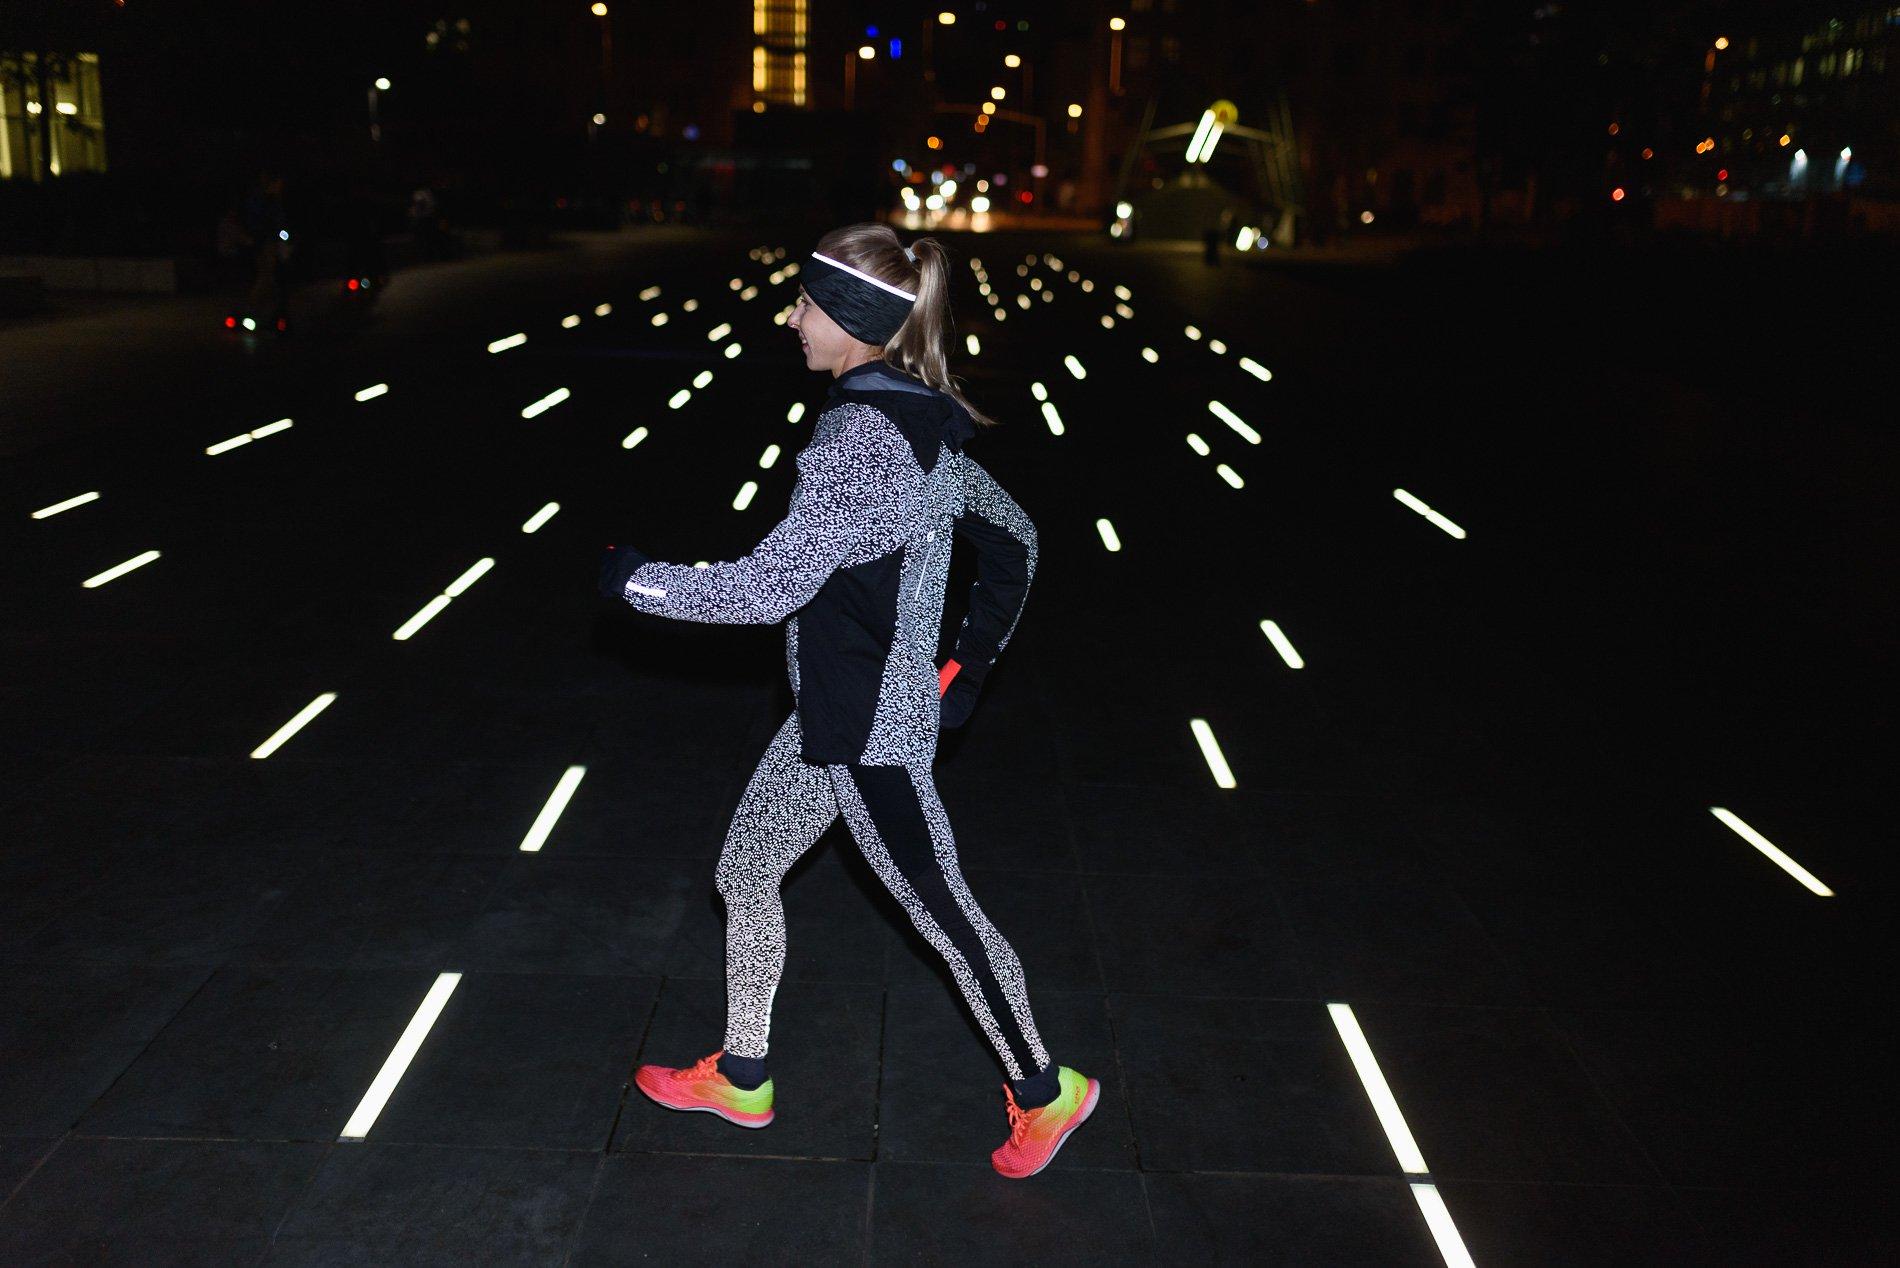 Jogging Malam Hari Memiliki Lebih Banyak Manfaat Simak Info Berikut Ini Decathlon